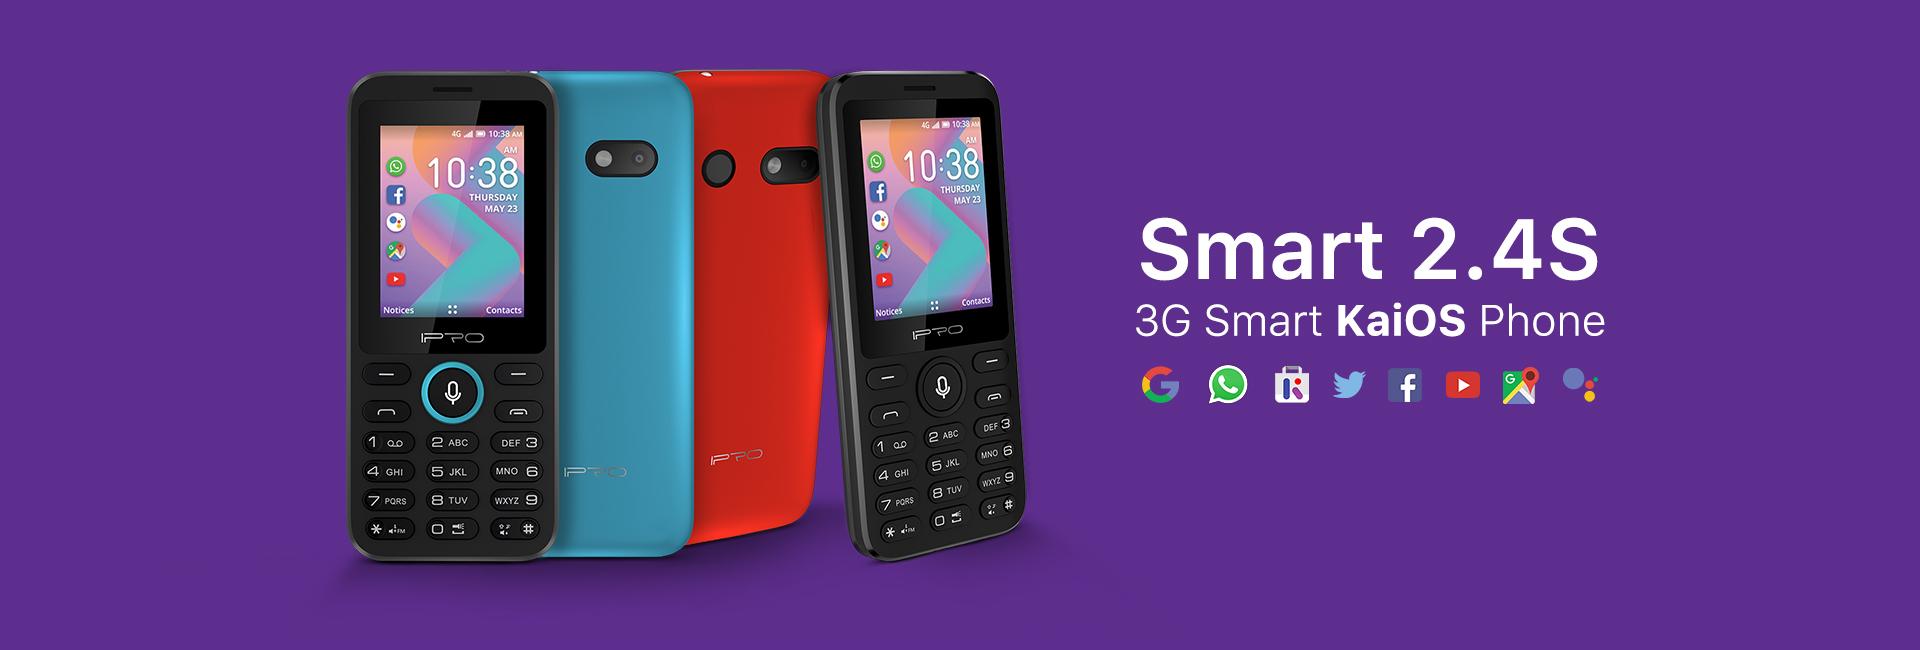 Smart2.4S